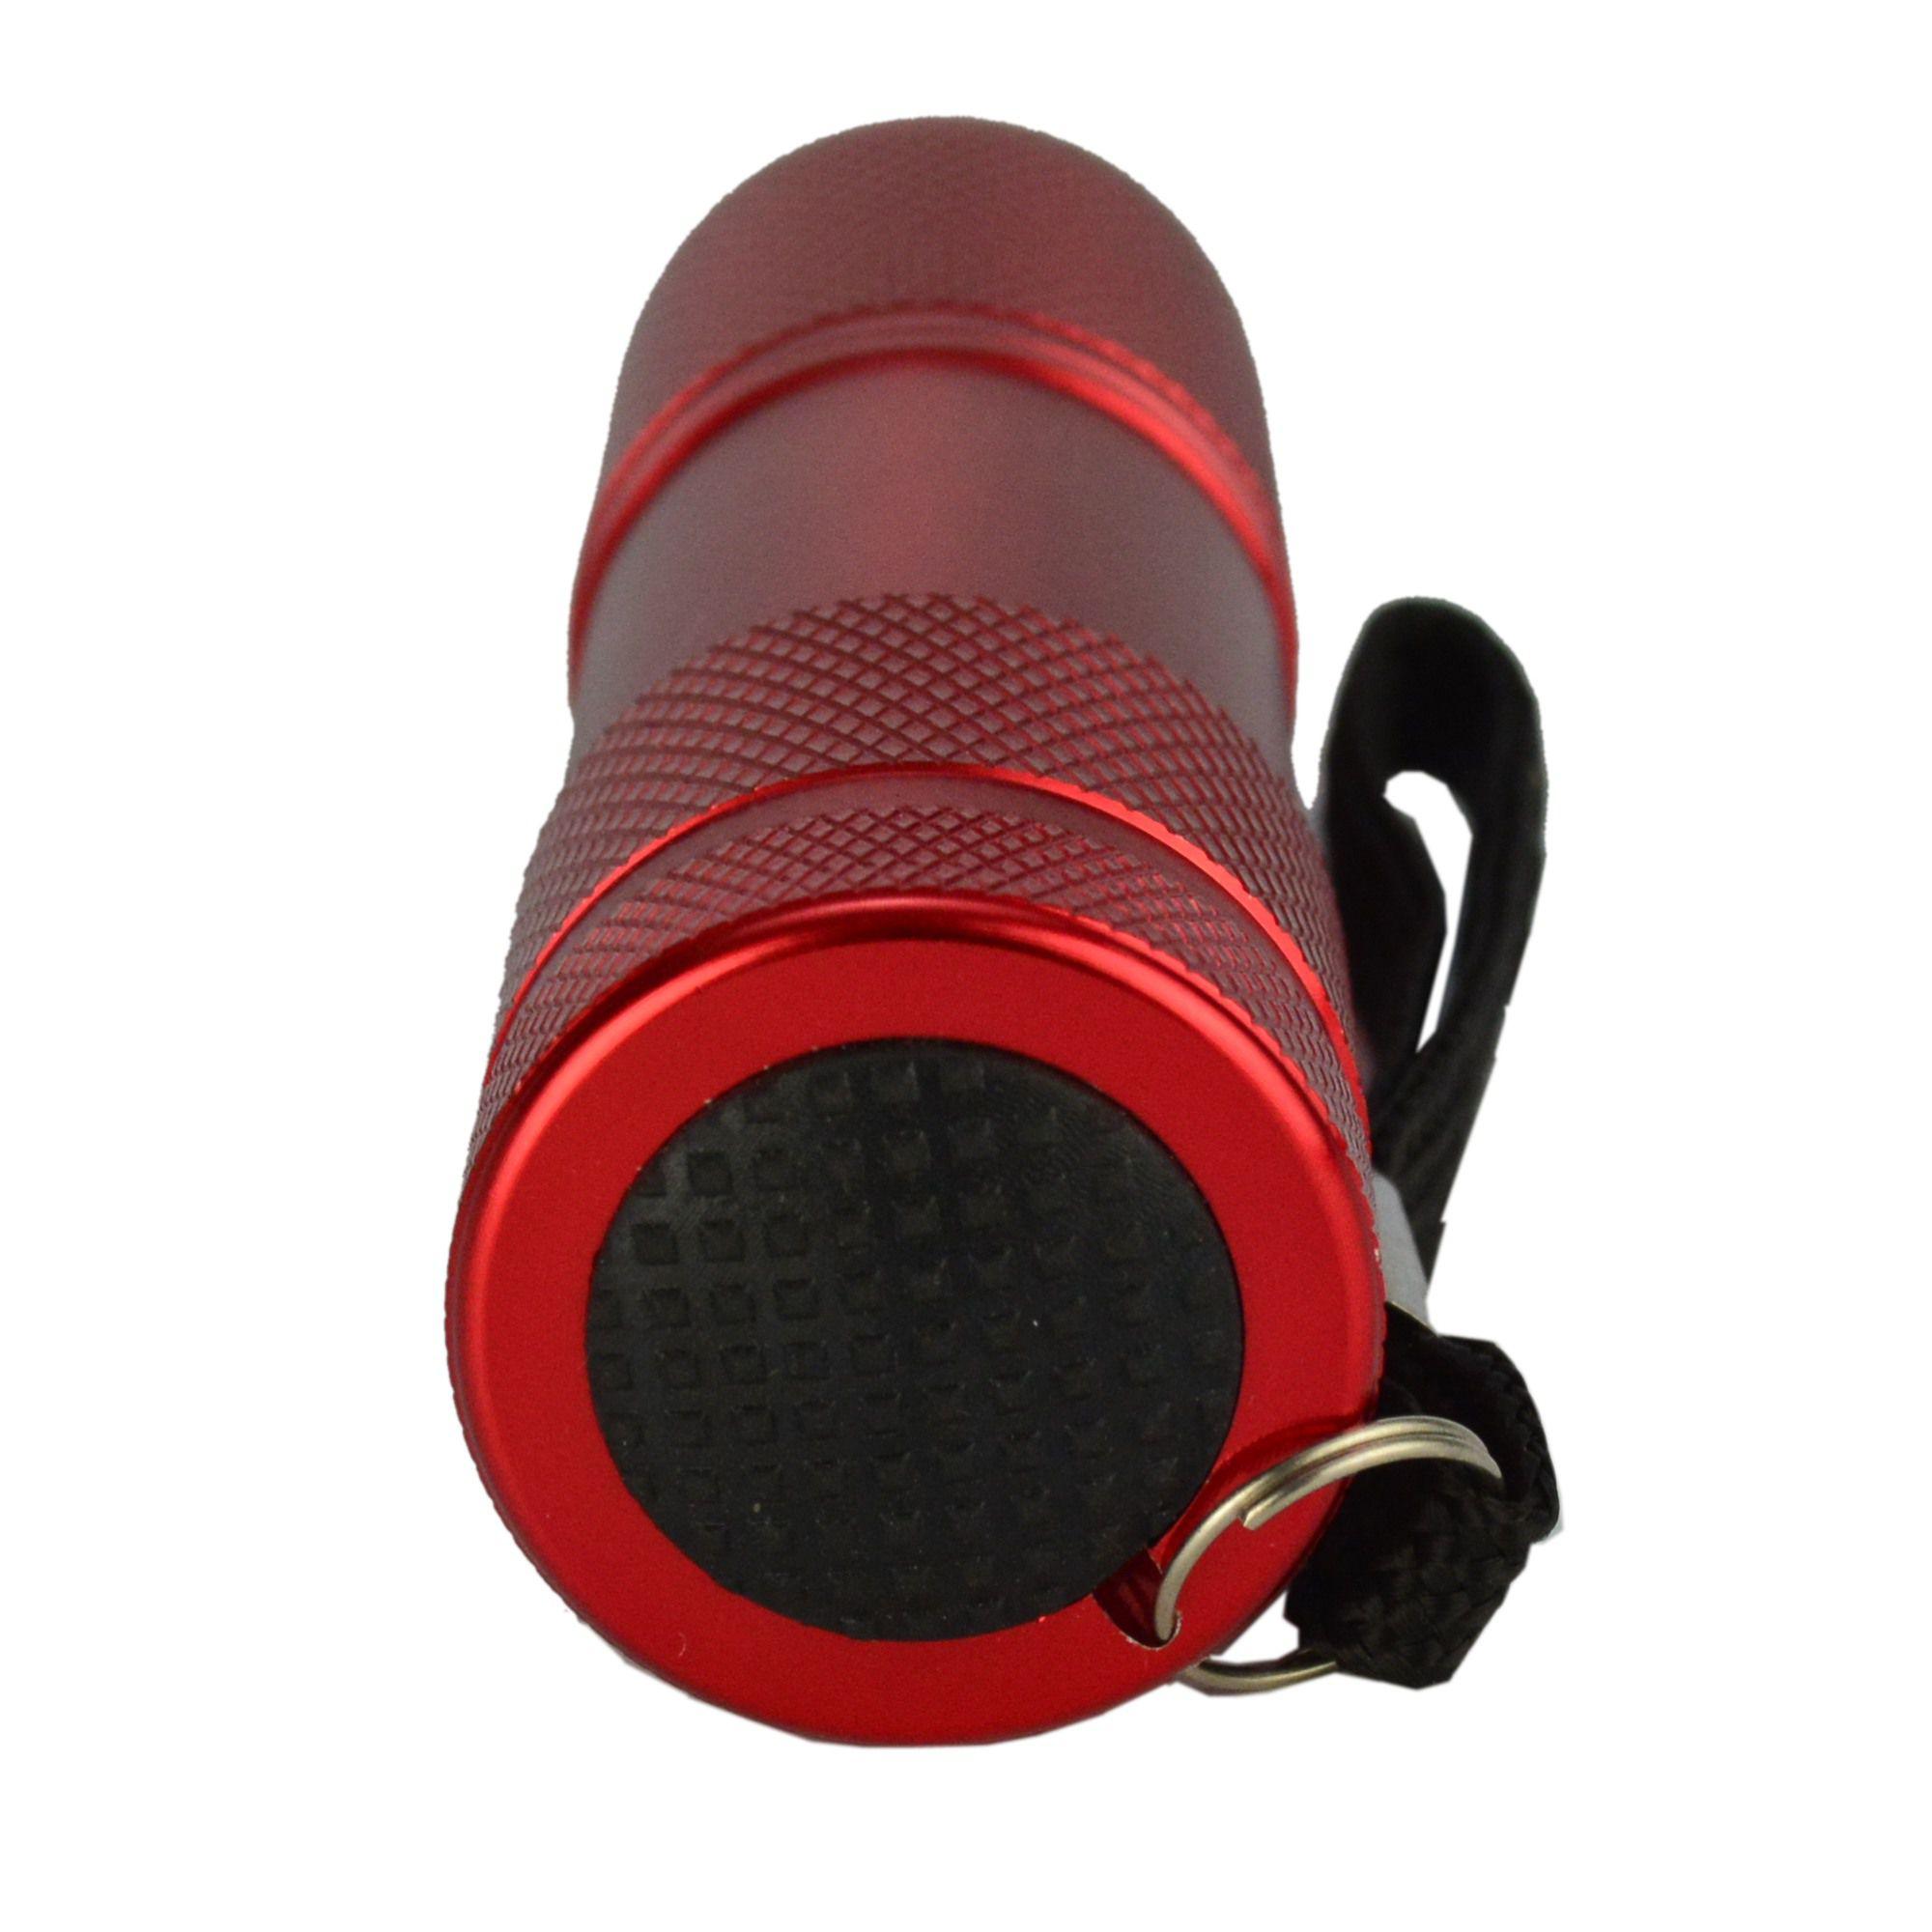 Detector de Dinheiro Falso Escorpião 9 LEDs UV Vermelho CBRN11834